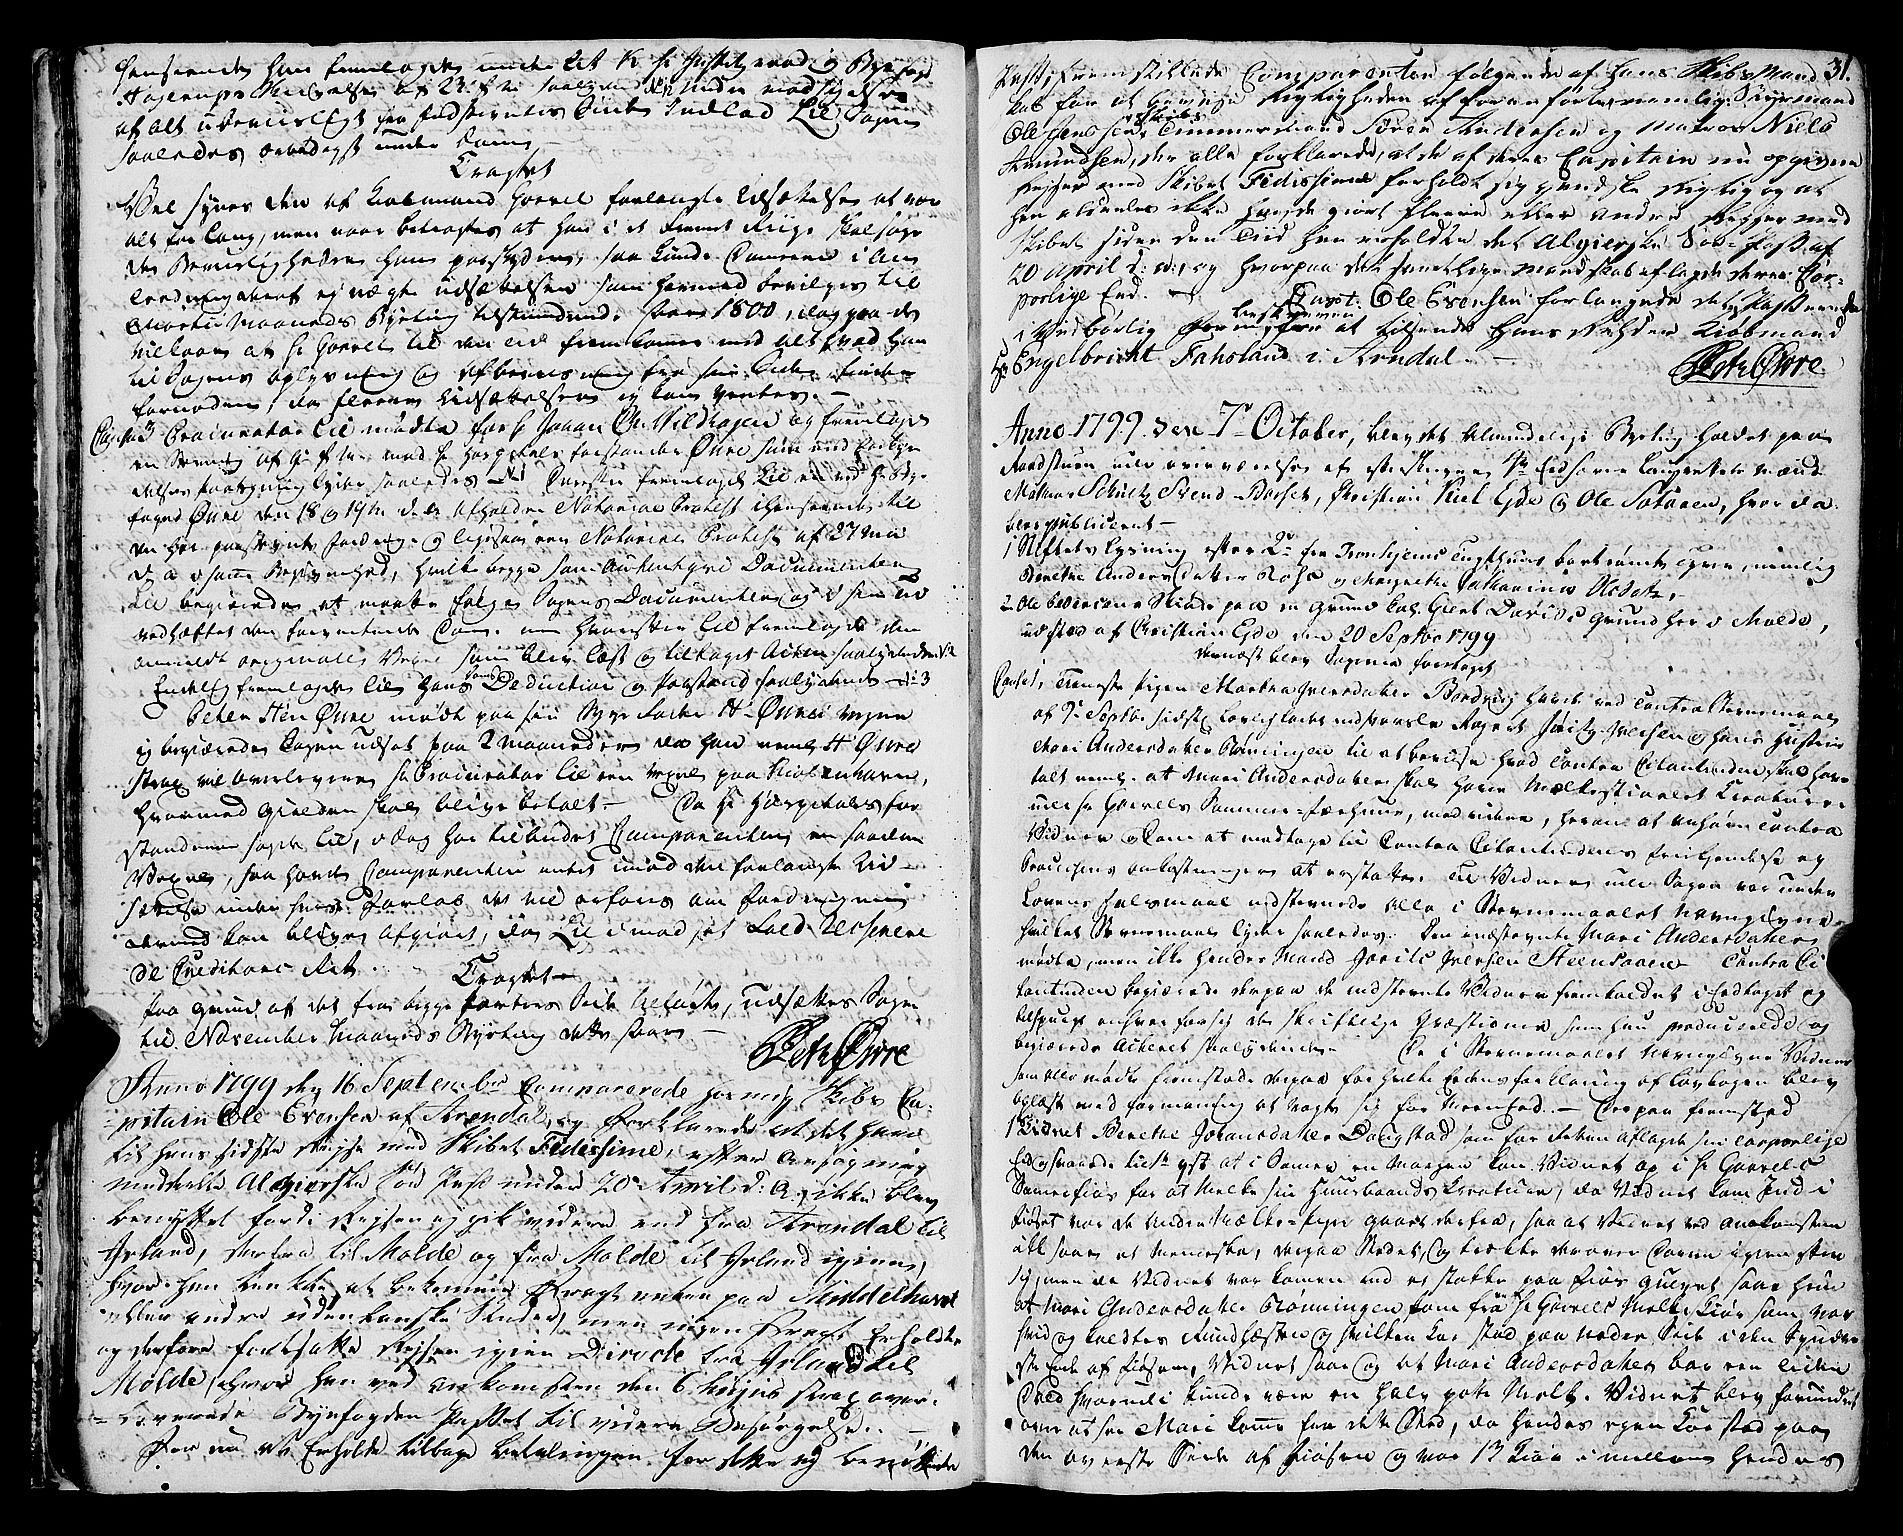 SAT, Molde byfogd, 1/1A/L0002: Justisprotokoll, 1797-1831, s. 30b-31a